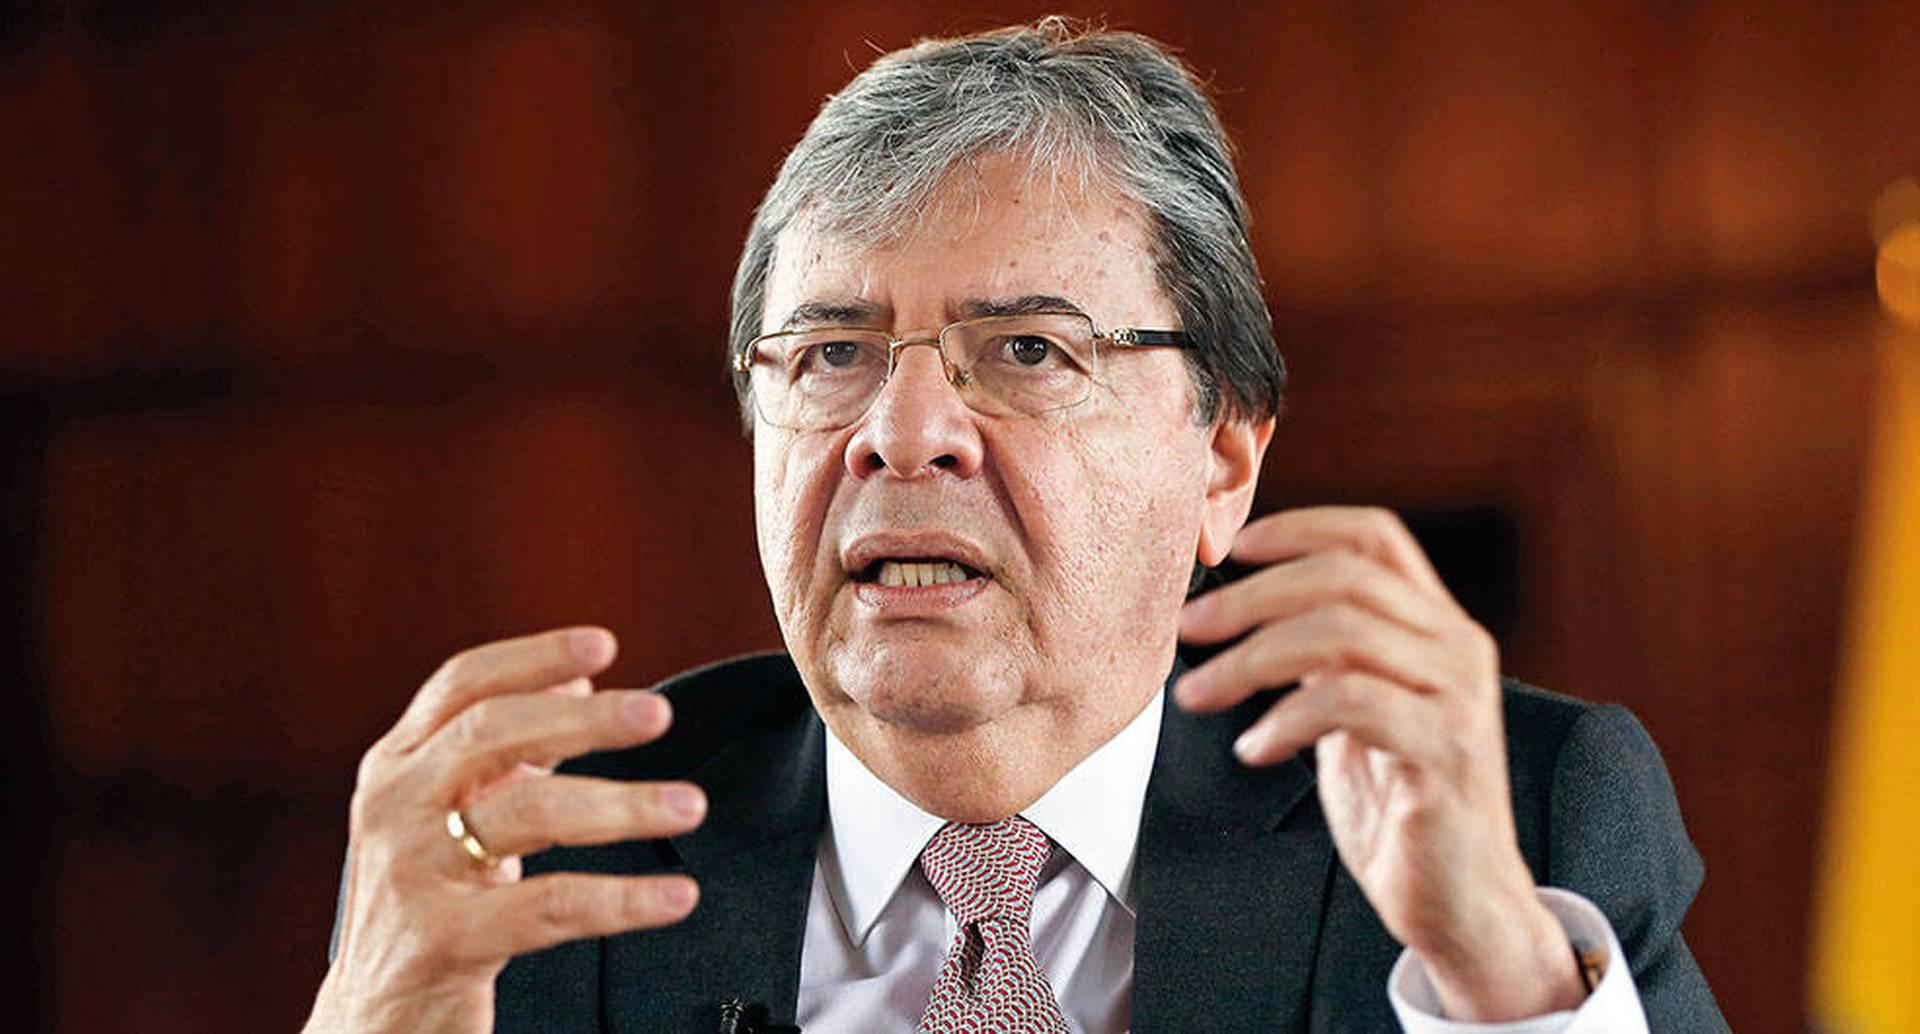 Las funciones de manejar las relaciones exteriores quedaron delegadas de hecho al ministro Carlos Holmes Trujillo, que fue quien expresó el consentimiento de Colombia a la notificación de  la Embajada  de Estados Unidos.